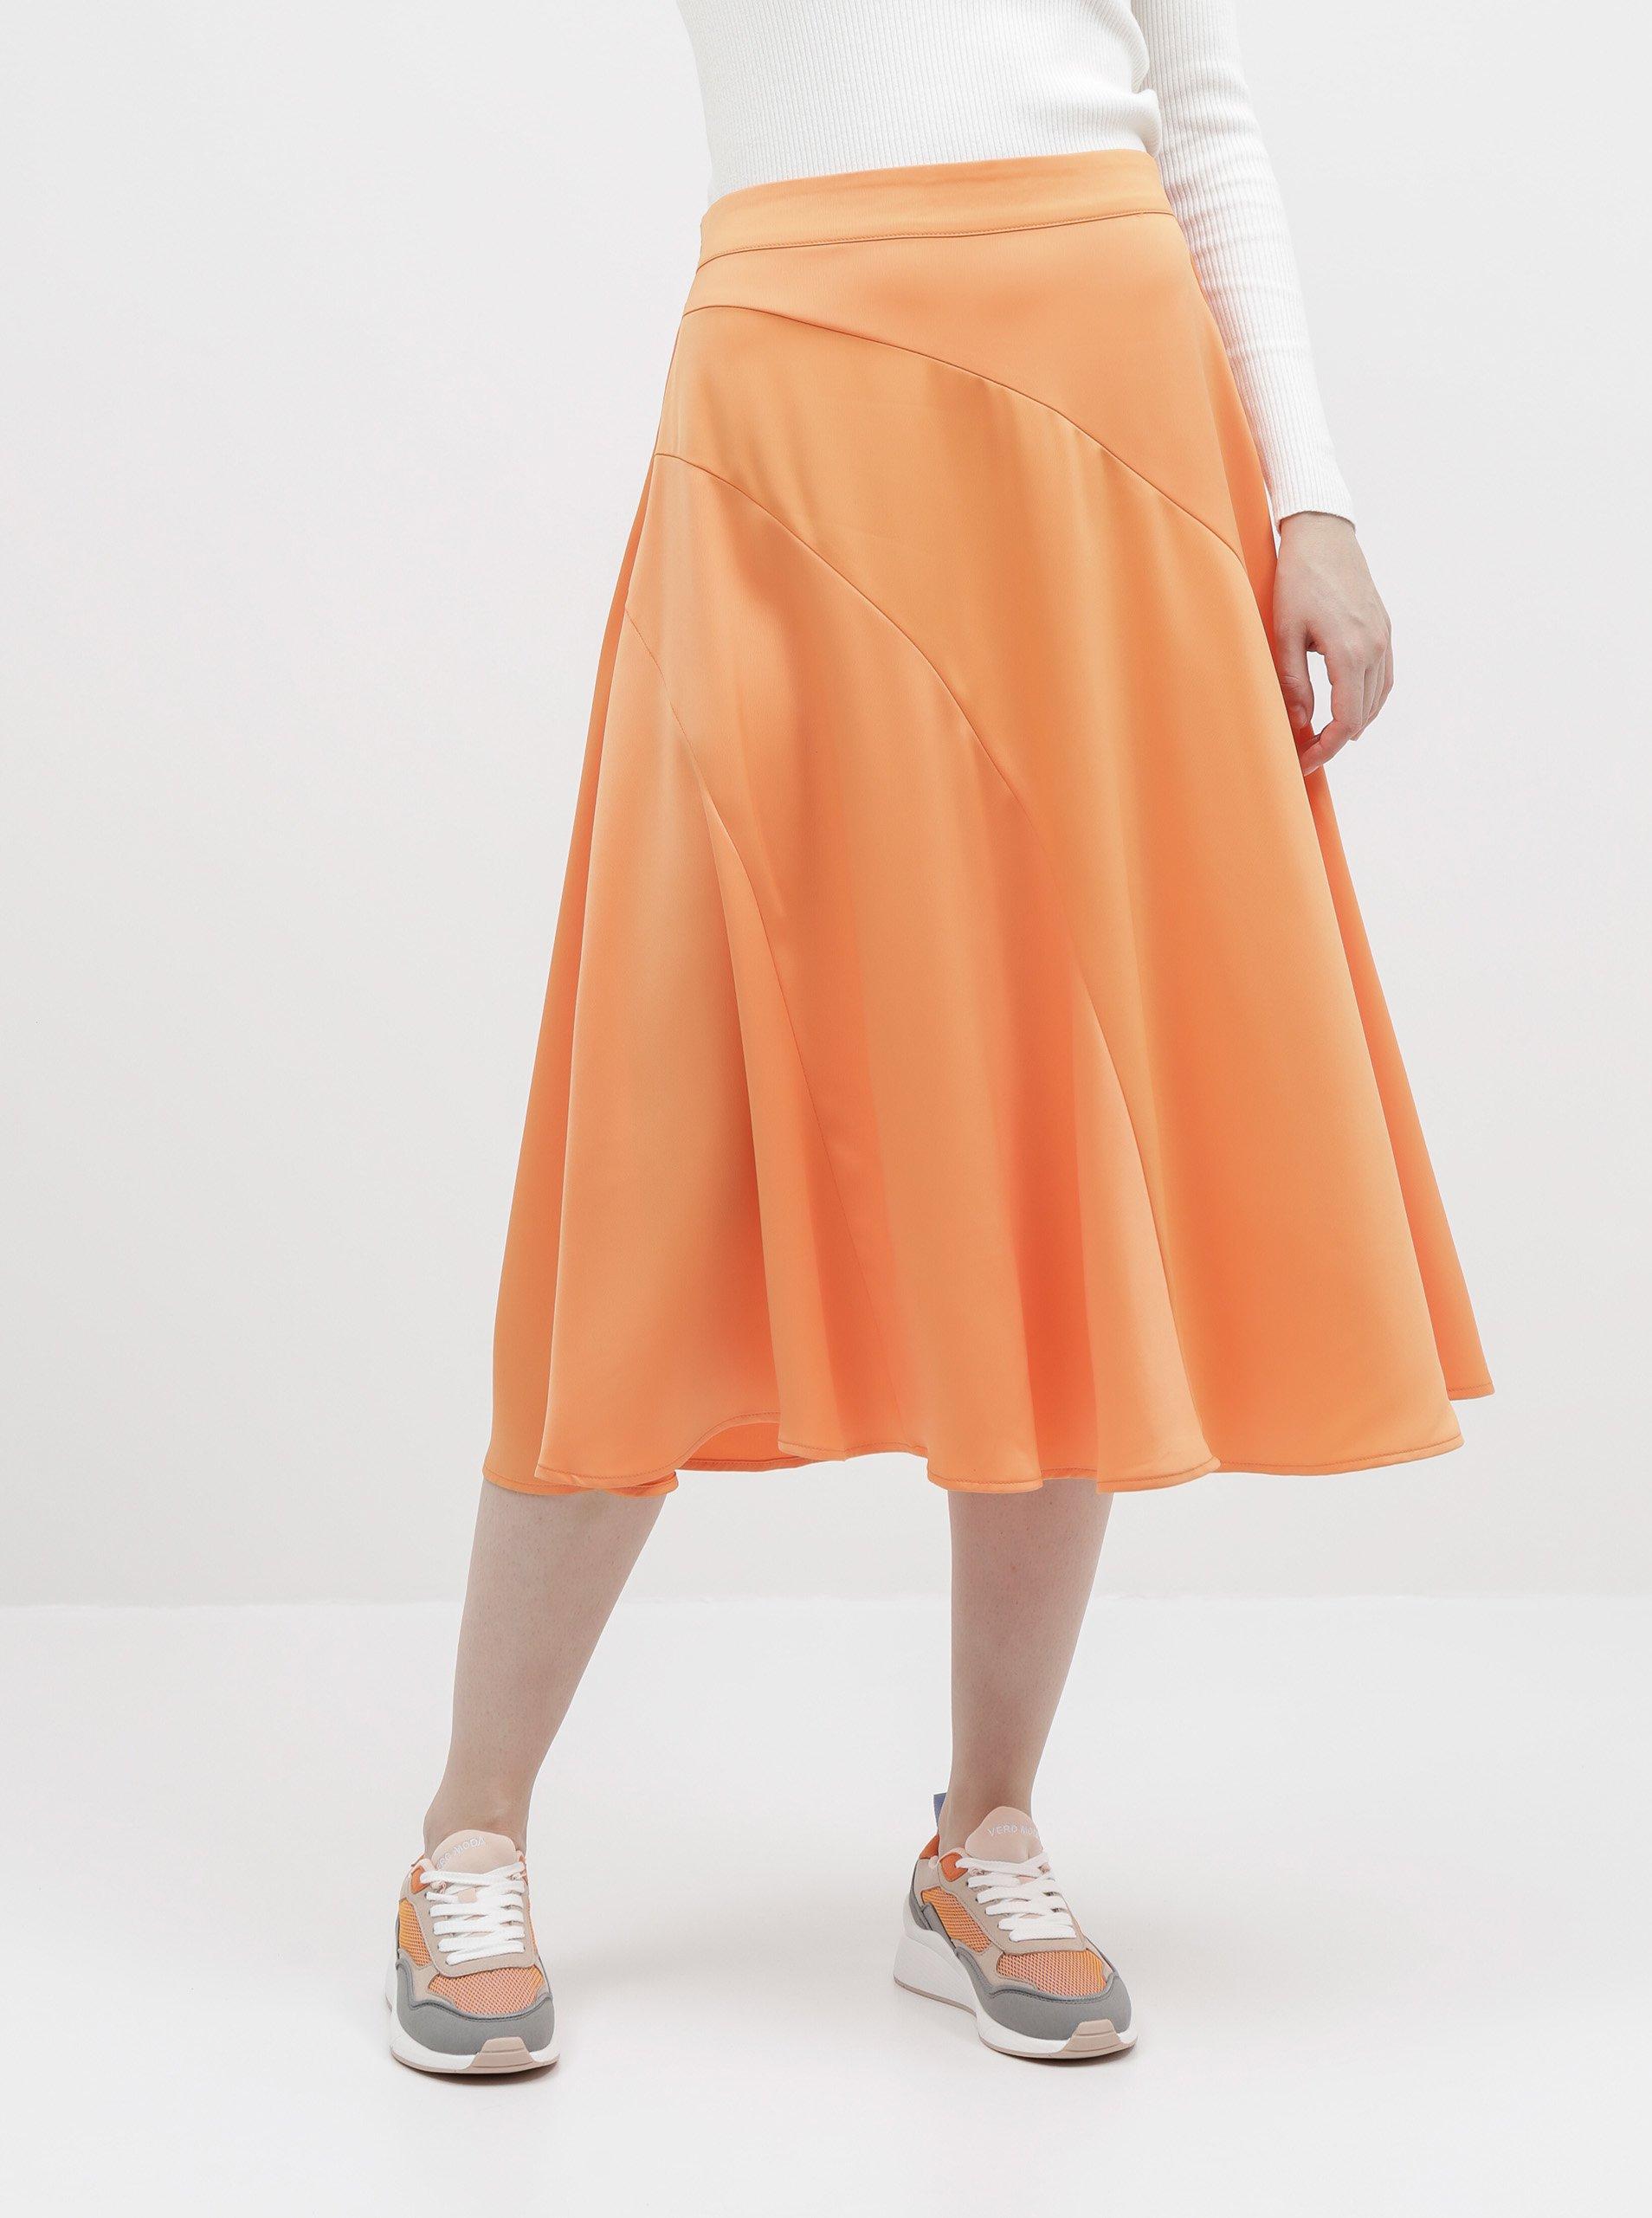 Oranžová saténová midi sukňa VERO MODA Gabbi.